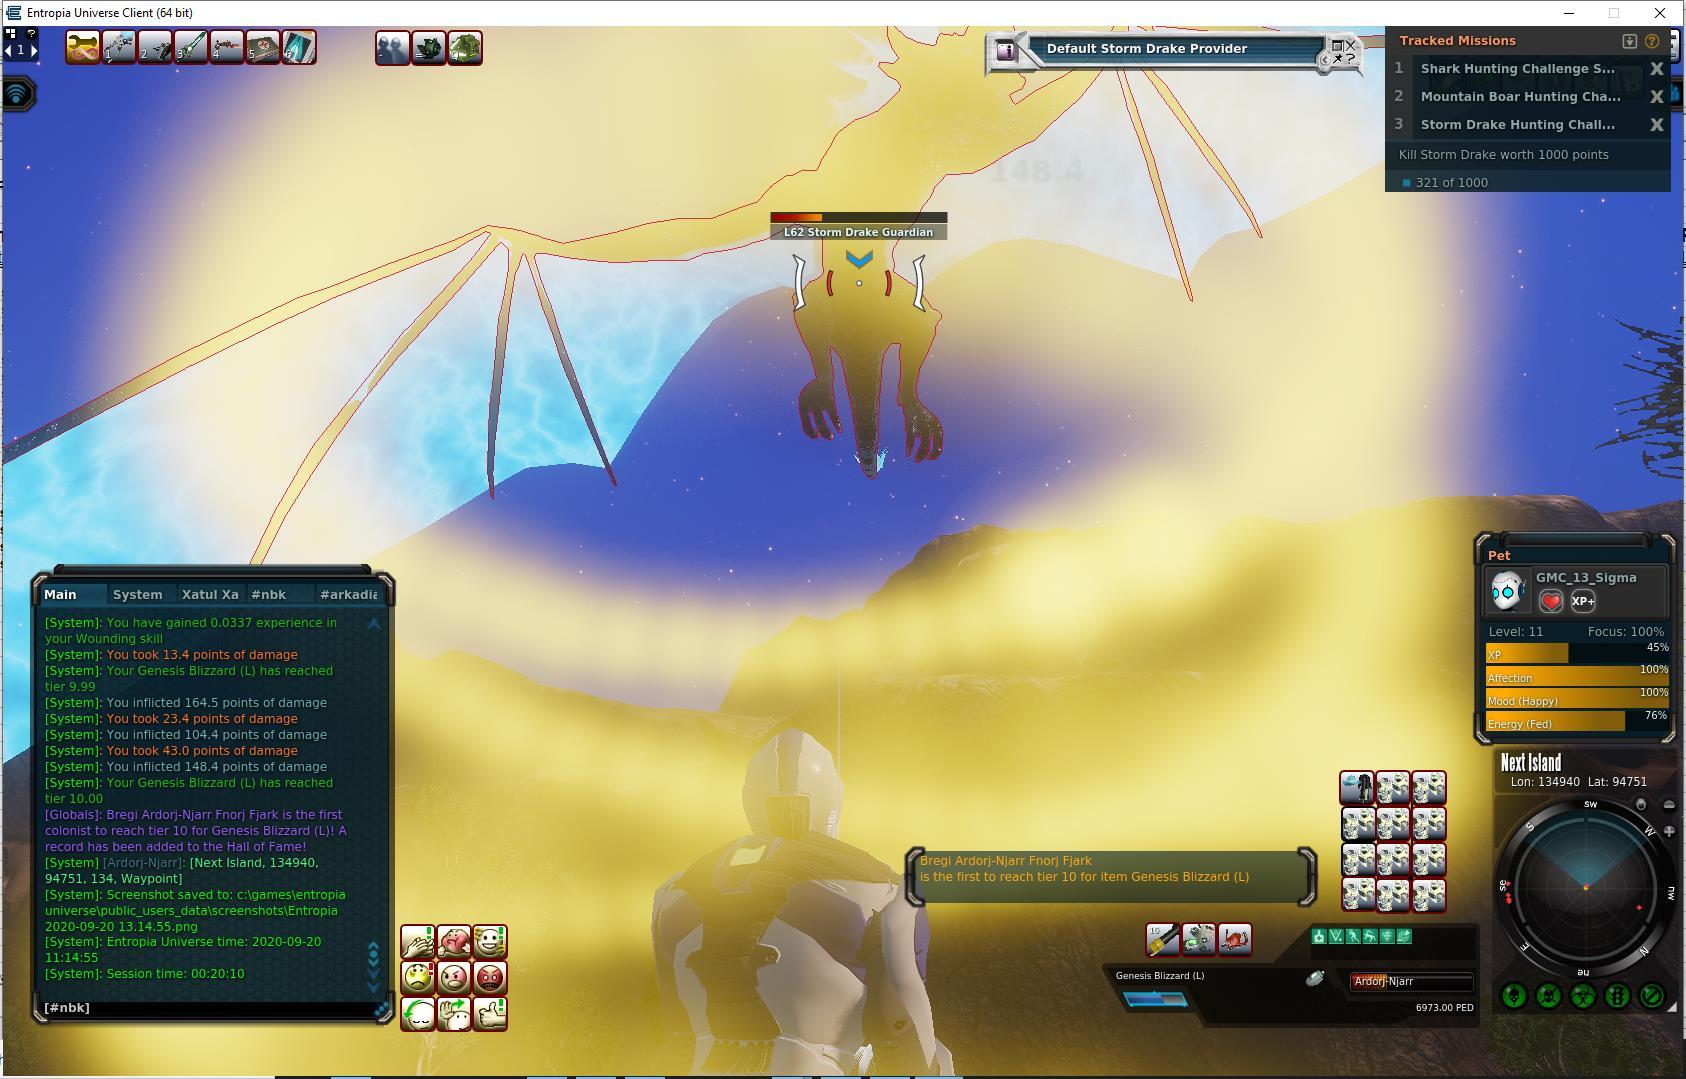 Tier 10 Genesis Blizzard (L).jpg